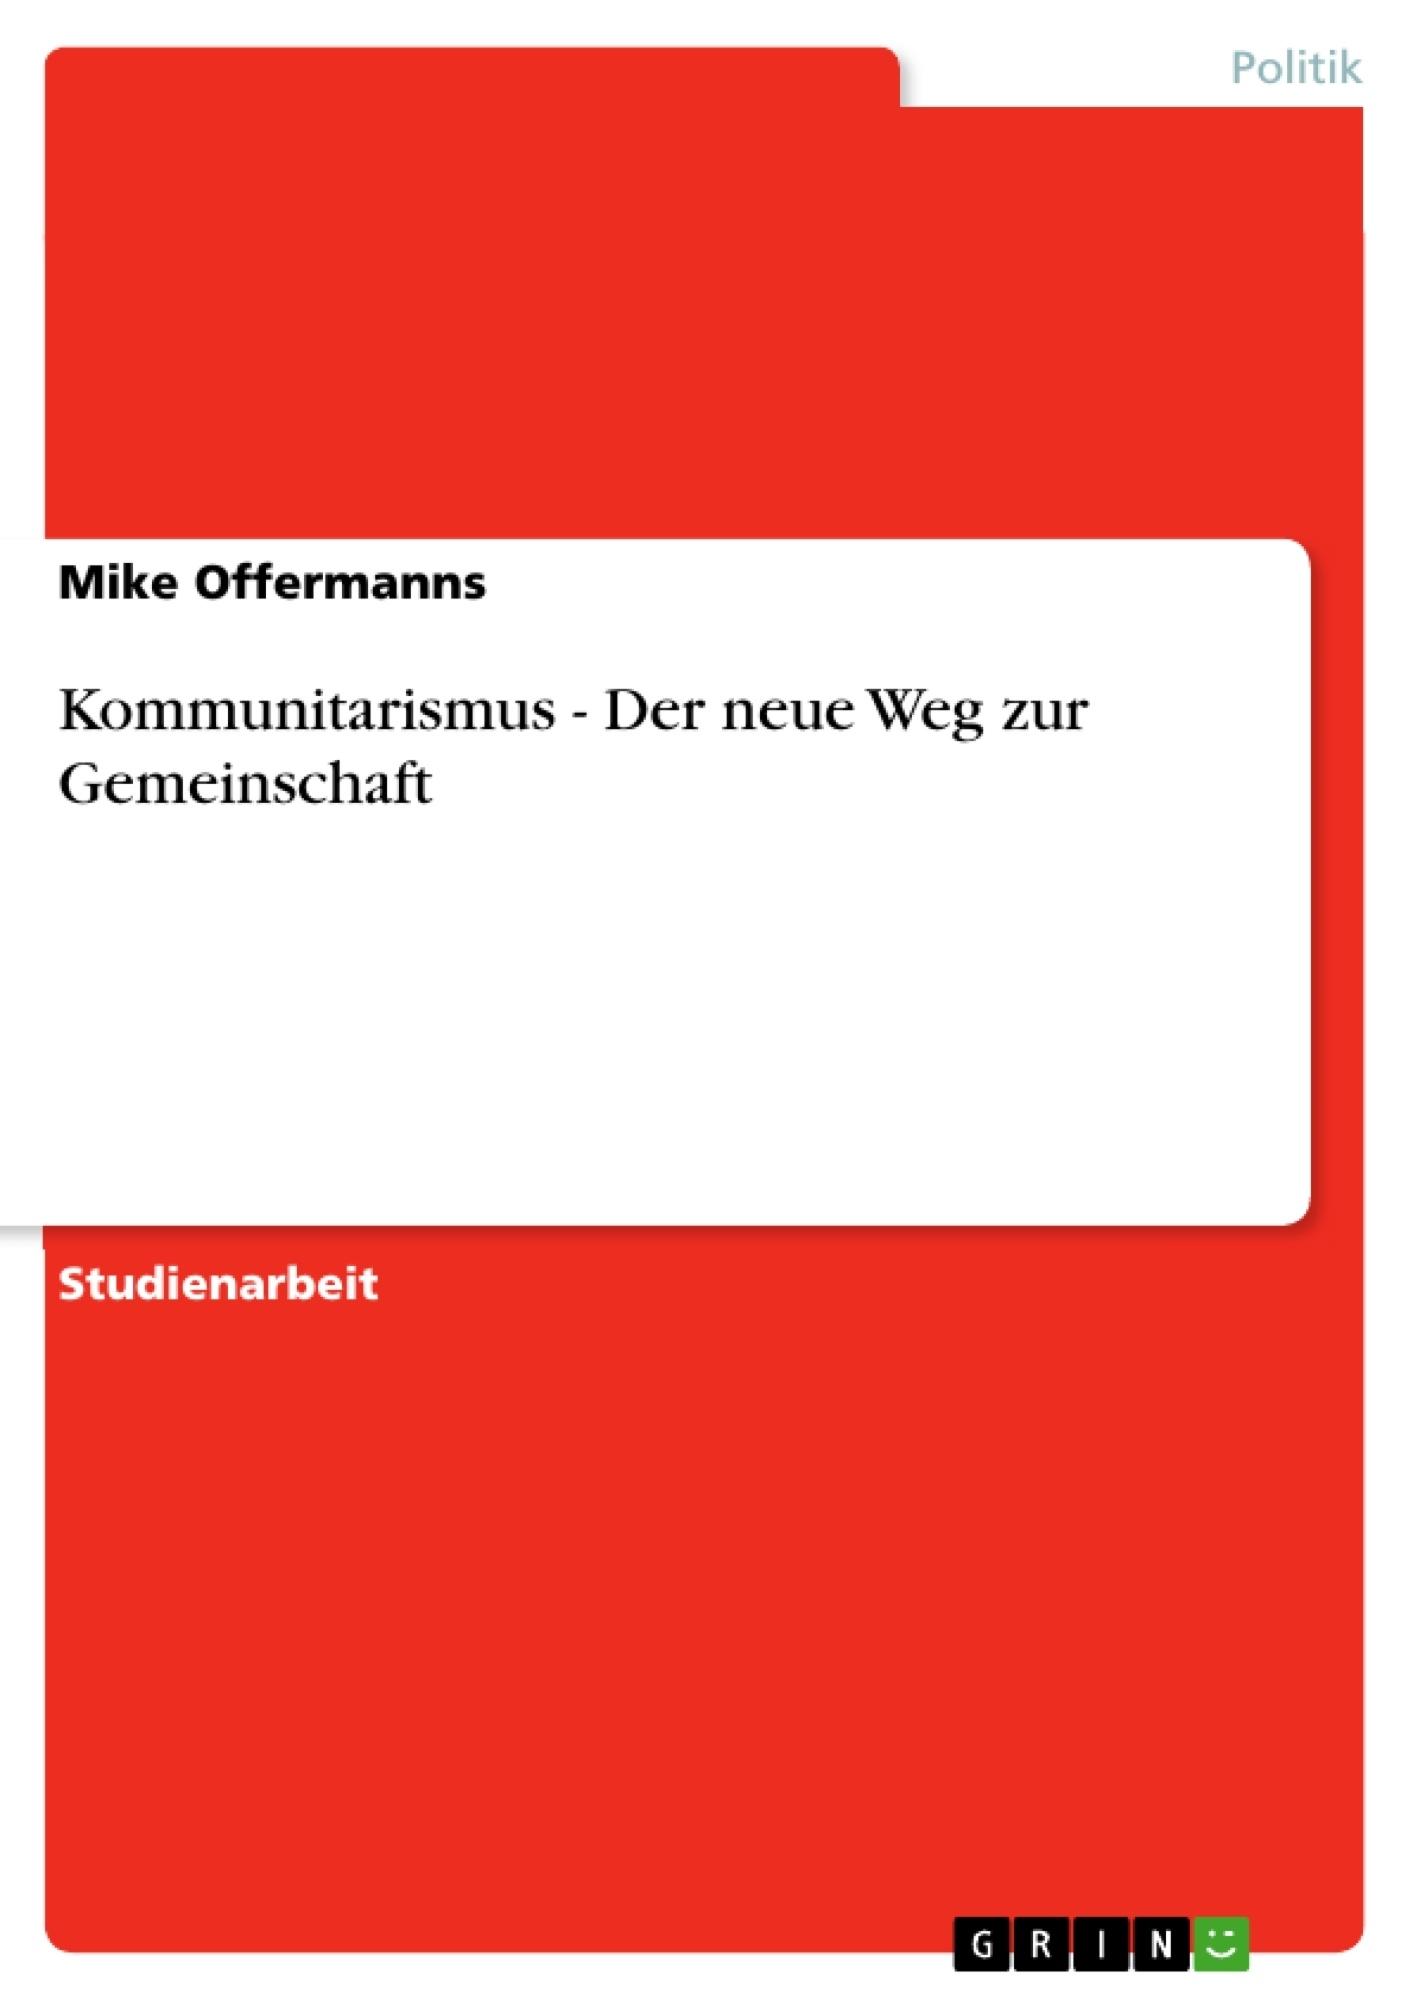 Titel: Kommunitarismus - Der neue Weg zur Gemeinschaft